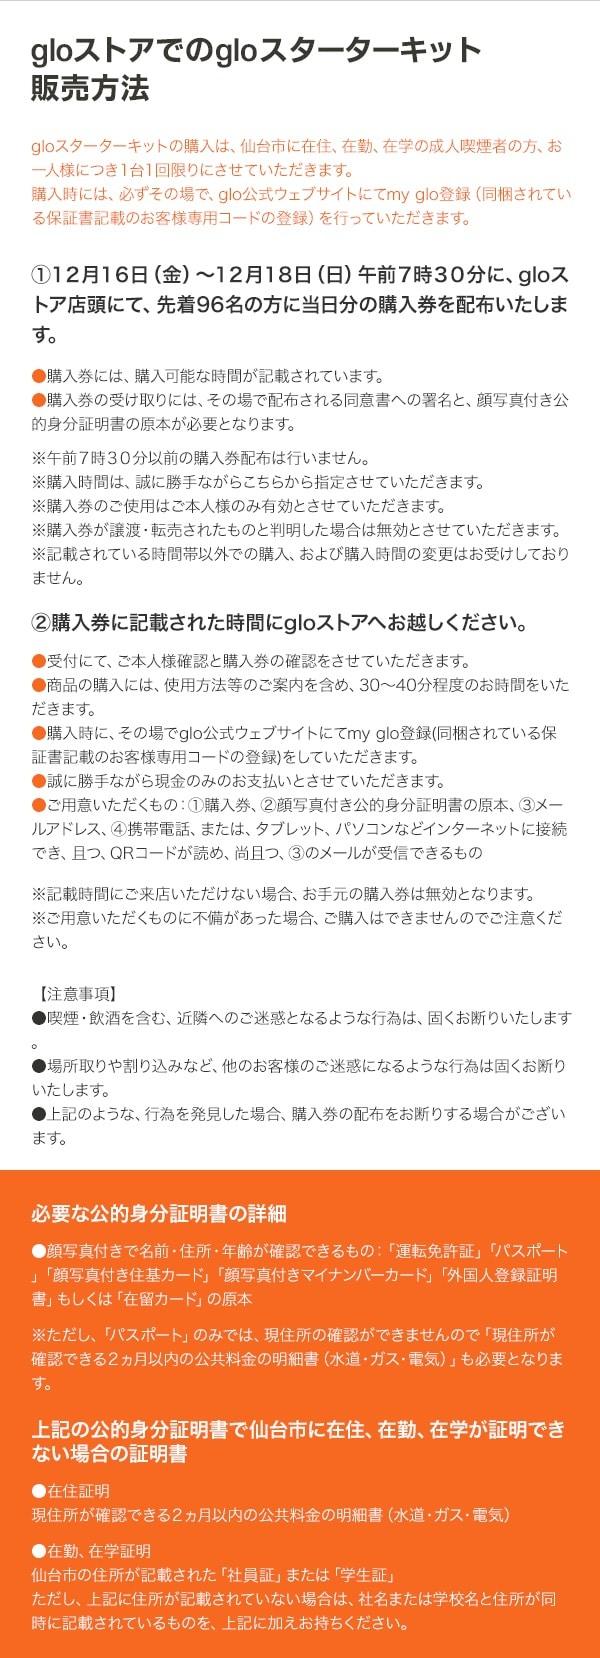 販売方法 gloスターターキットの購入は、仙台市に在住、在勤、在学の成人喫煙者の方、お一人様につき1台1回限りにさせていただきます。 購入時には、必ずその場でglo公式ウェブサイトにてmy glo登録(同梱されている保証書記載のお客様専用コード登録)を行っていただきます。 1.12月16日(金)から12月18日(日)午前7時30分に、gloストア店頭にて、先着96名の方に当日分の購入券を配布いたします。 ・購入券には、購入可能な時間が記載されています。 ・購入券の受取には、その場で配布される同意書への署名と、顔写真付き公的身分証明書の原本が必要になります。 *午前7時30分以前の購入券配布は行いません。 *購入時間は、誠に勝手ながらこちらから指定させていただきます。 *購入券のご使用はご本人様のみ有効とさせていただきます。 *購入券が譲渡・転売されたものと判明した場合は無効とさせていただきます。 2.購入券に記載された時間にgloストアへお越しください。 ・受付にて、ご本人様確認と購入券の確認をさせていただきます。 ・商品の購入には、使用方法等のご案内を含め、30分から40分程度のお時間を頂いております。 ・購入時に、その場でglo公式ウェブサイトにてmy glo登録(同梱されている保証書記載のお客様専用コードの登録)をしていただきます。 ・誠に勝手ながら現金のみのお支払いとさせていただきます。 ・ご用意いただくもの:購入券、顔写真付き公的身分証明書の原本、メールアドレス、携帯電話やタブレットなどインターネットに接続でき、且つ、QRコードが読め、メールが受信できるもの。 *記載時間にご来店いただけない場合、お手元の購入券は無効となります。 *ご用意いただくものに不備があった場合、ご購入はできませんのでご注意ください。 ◯顔写真付き公的身分証明書とは? 「運転免許証」「パスポート」「顔写真付き住基カード」「顔写真付きマイナンバーカード」「外国人登録証明書」もしくは「在留カード」 パスポートのみでは現住所の確認ができないので、住所が確認できる2ヶ月以内の公共料金の明細書も必要になります。 上記の身分証明書で仙台市に在住、在勤、在学が証明できない場合の証明書 ・在住証明(公共料金の明細書など) ・社員証、学生証